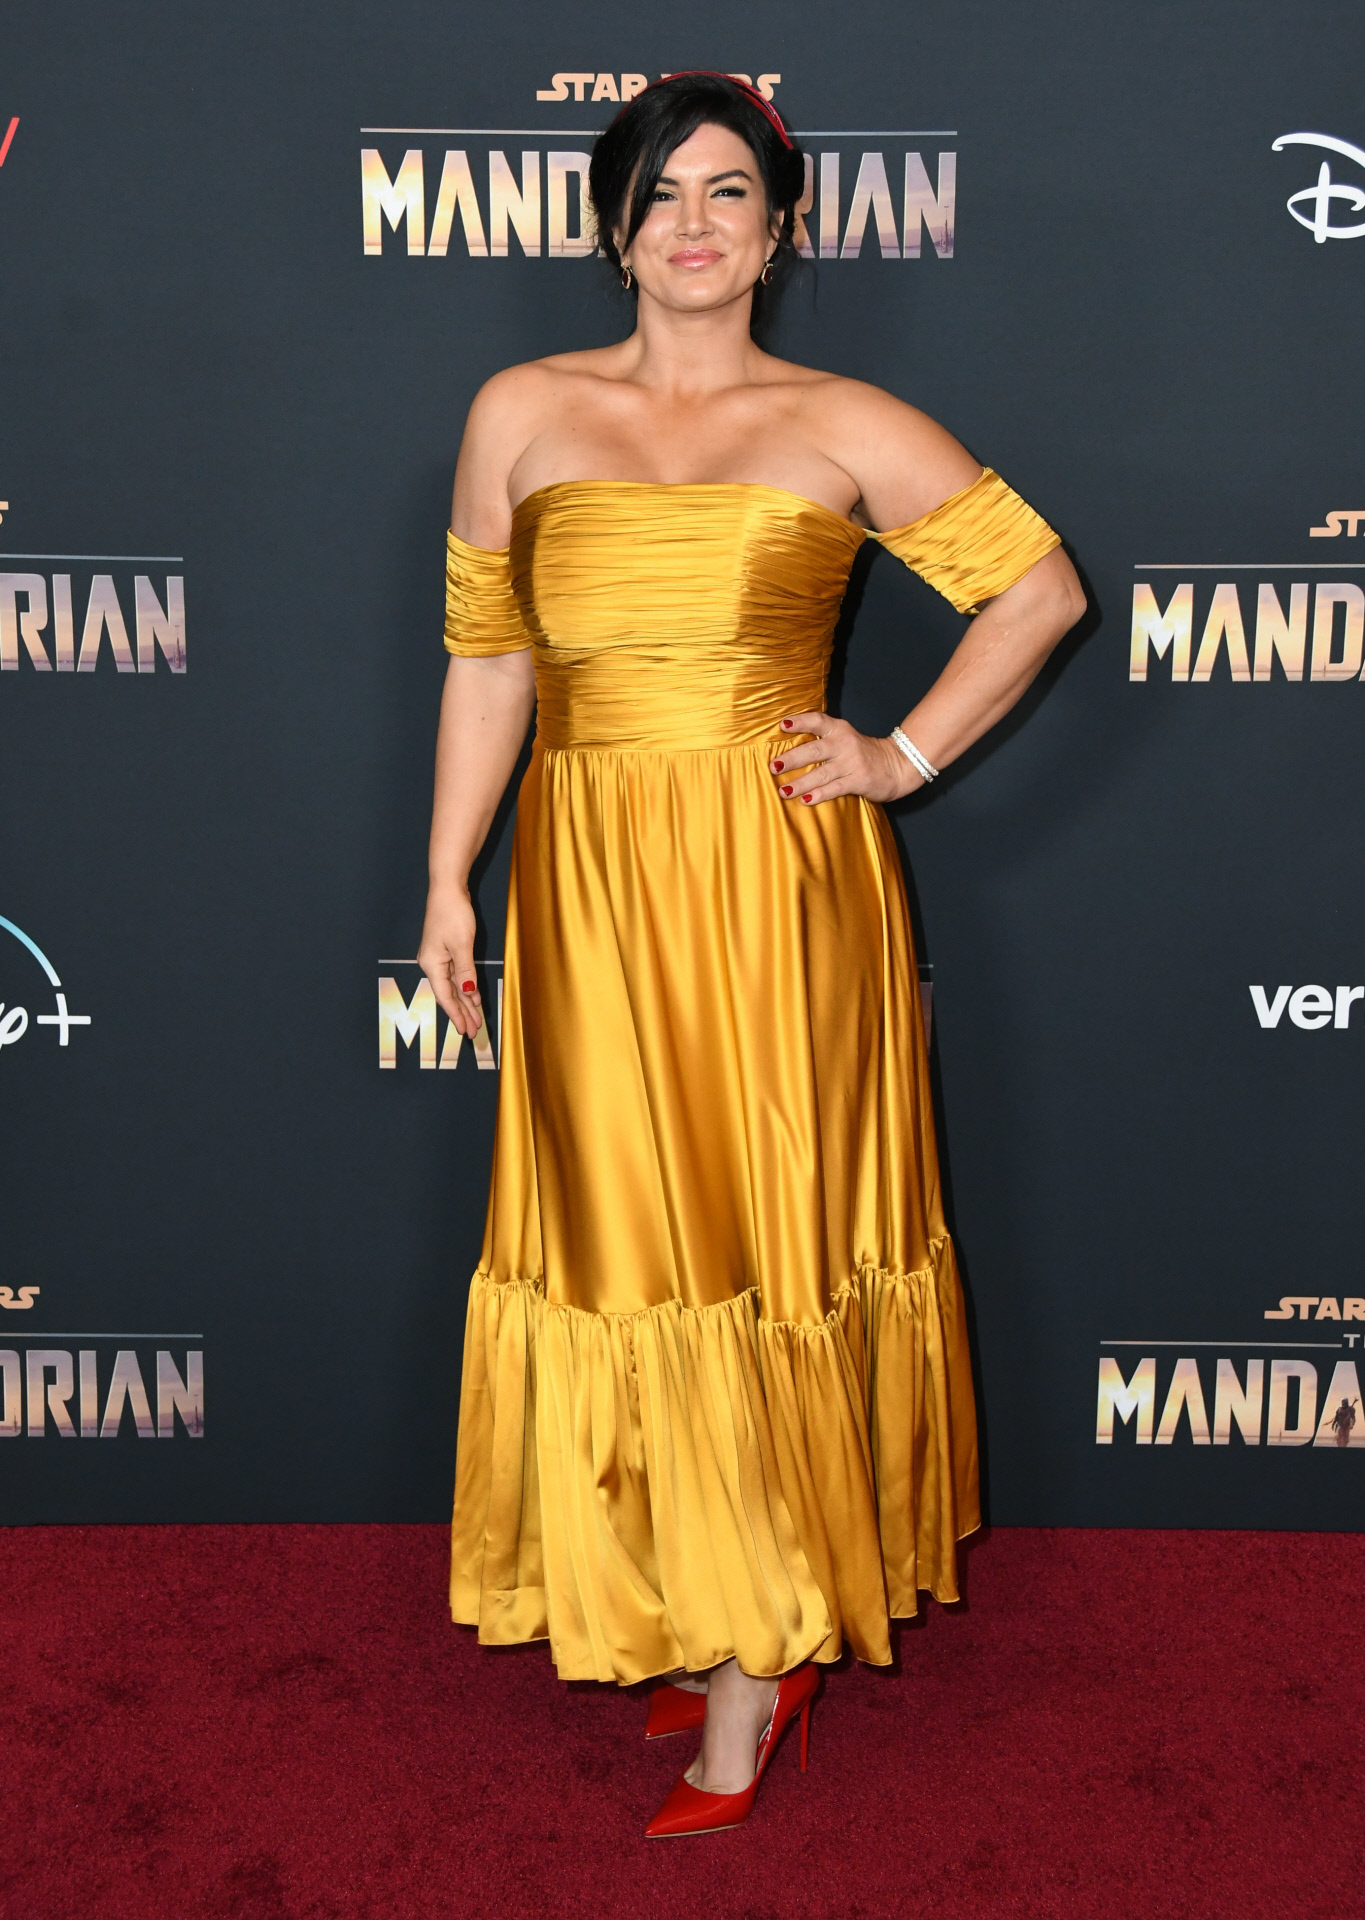 La actriz, en una alfombra roja.